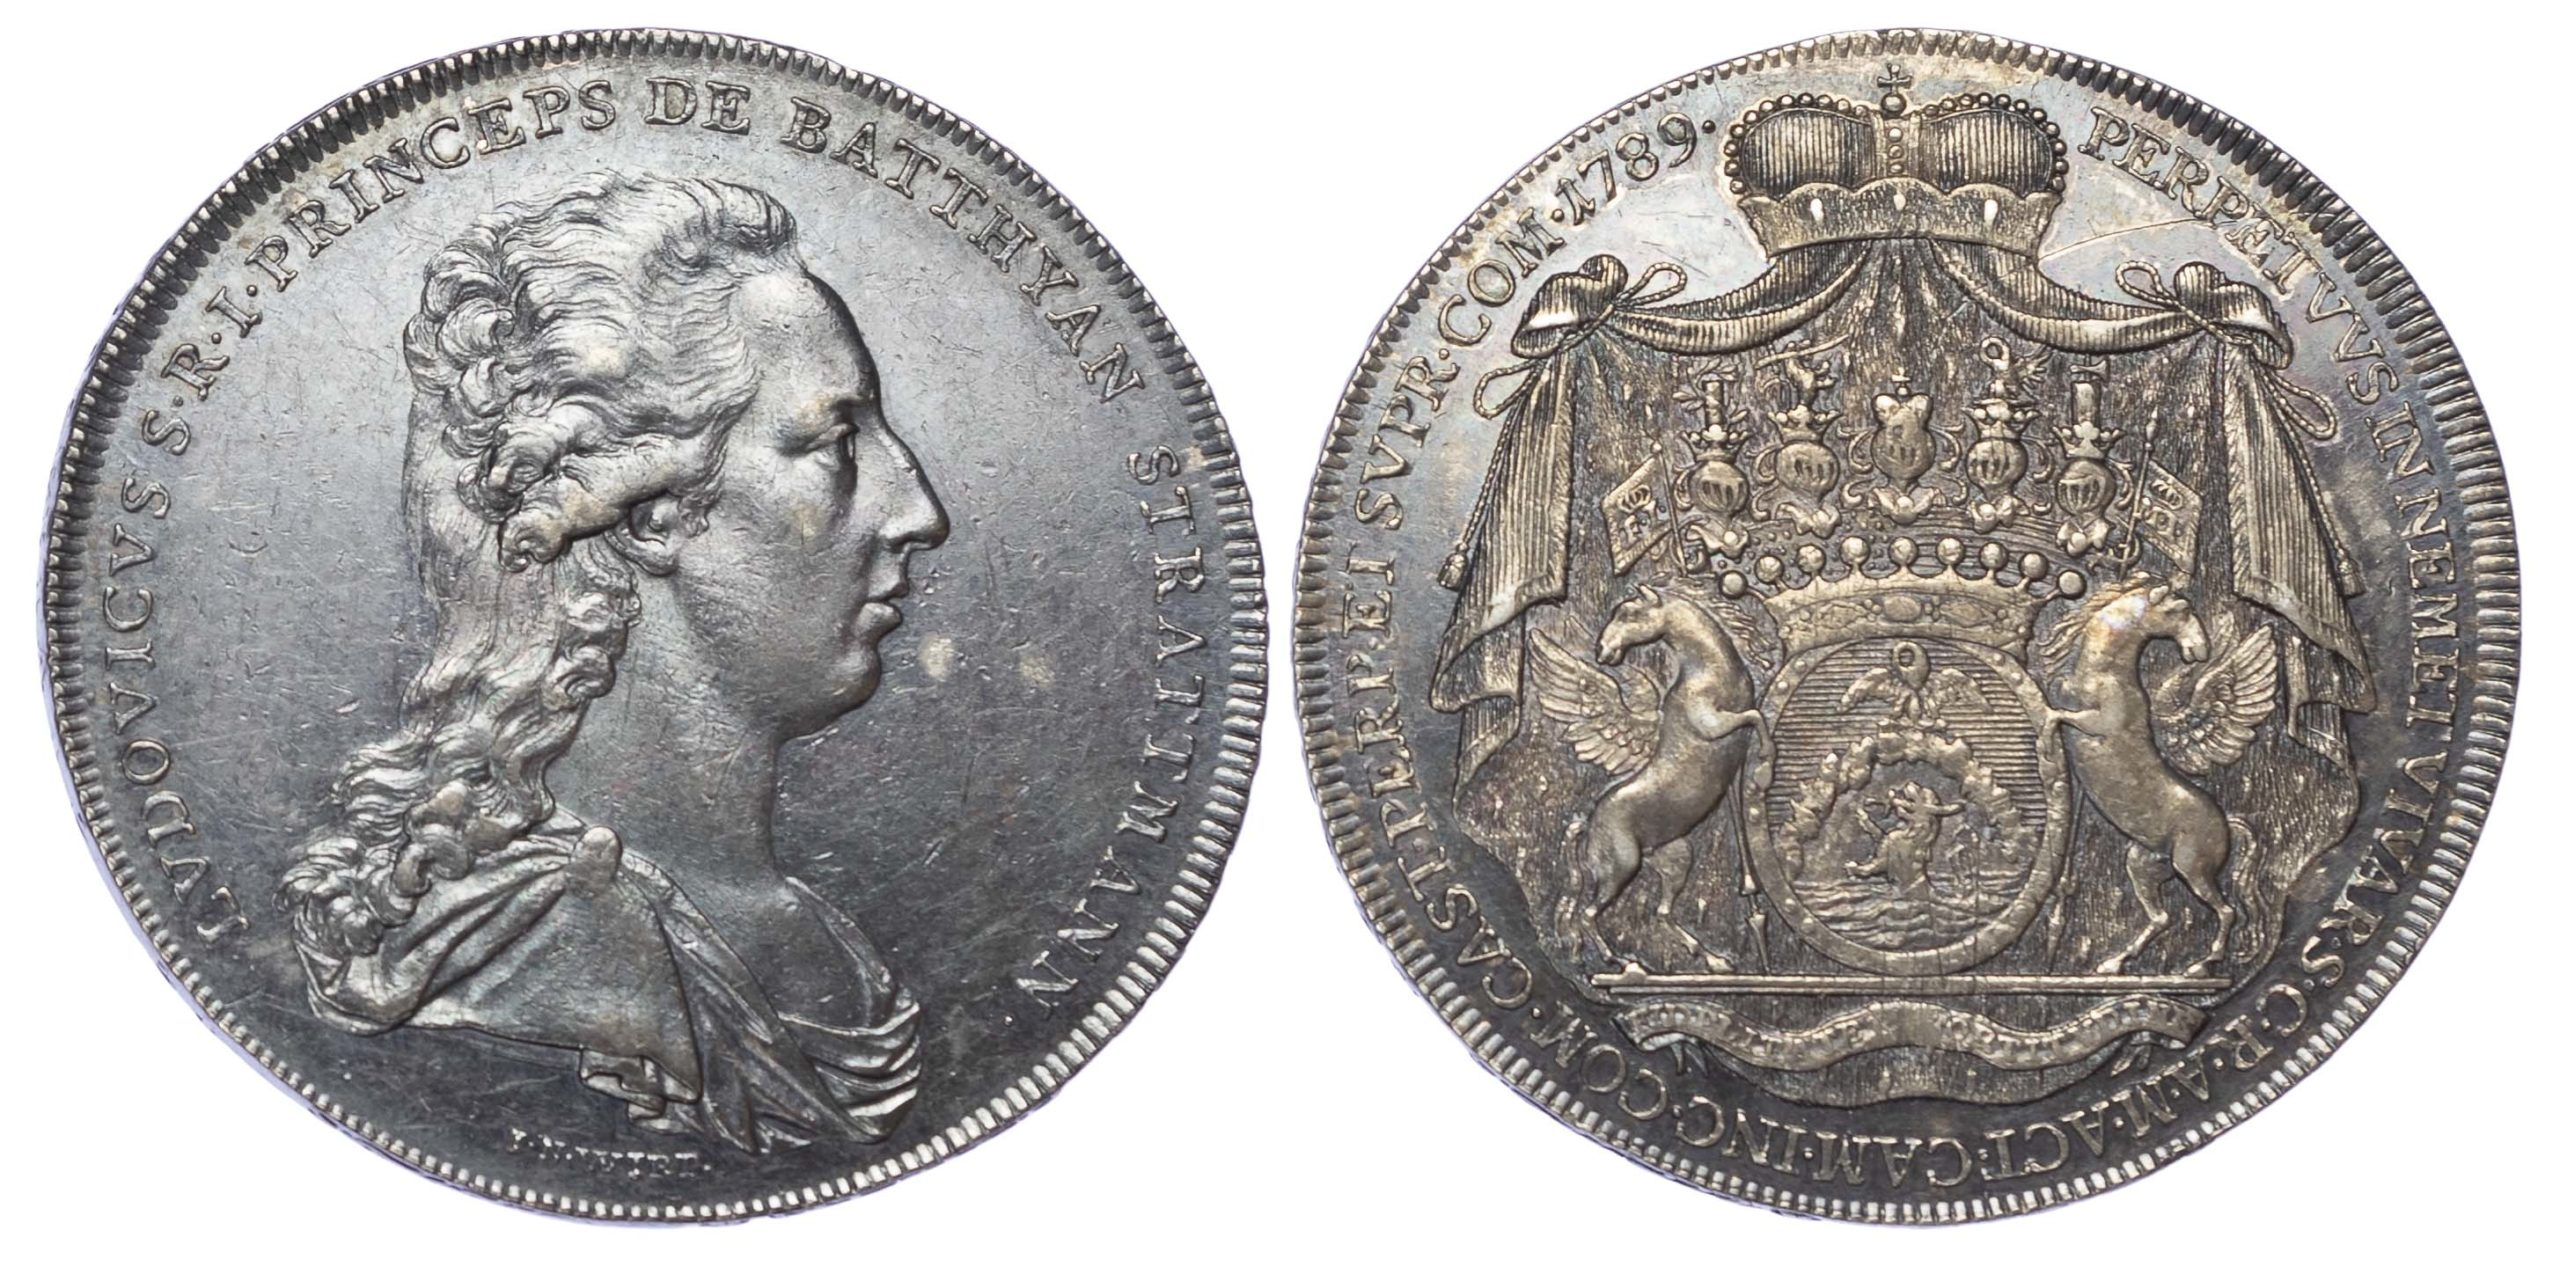 Austria, Batthyani, Ludwig, 1789 Silver Half Taler